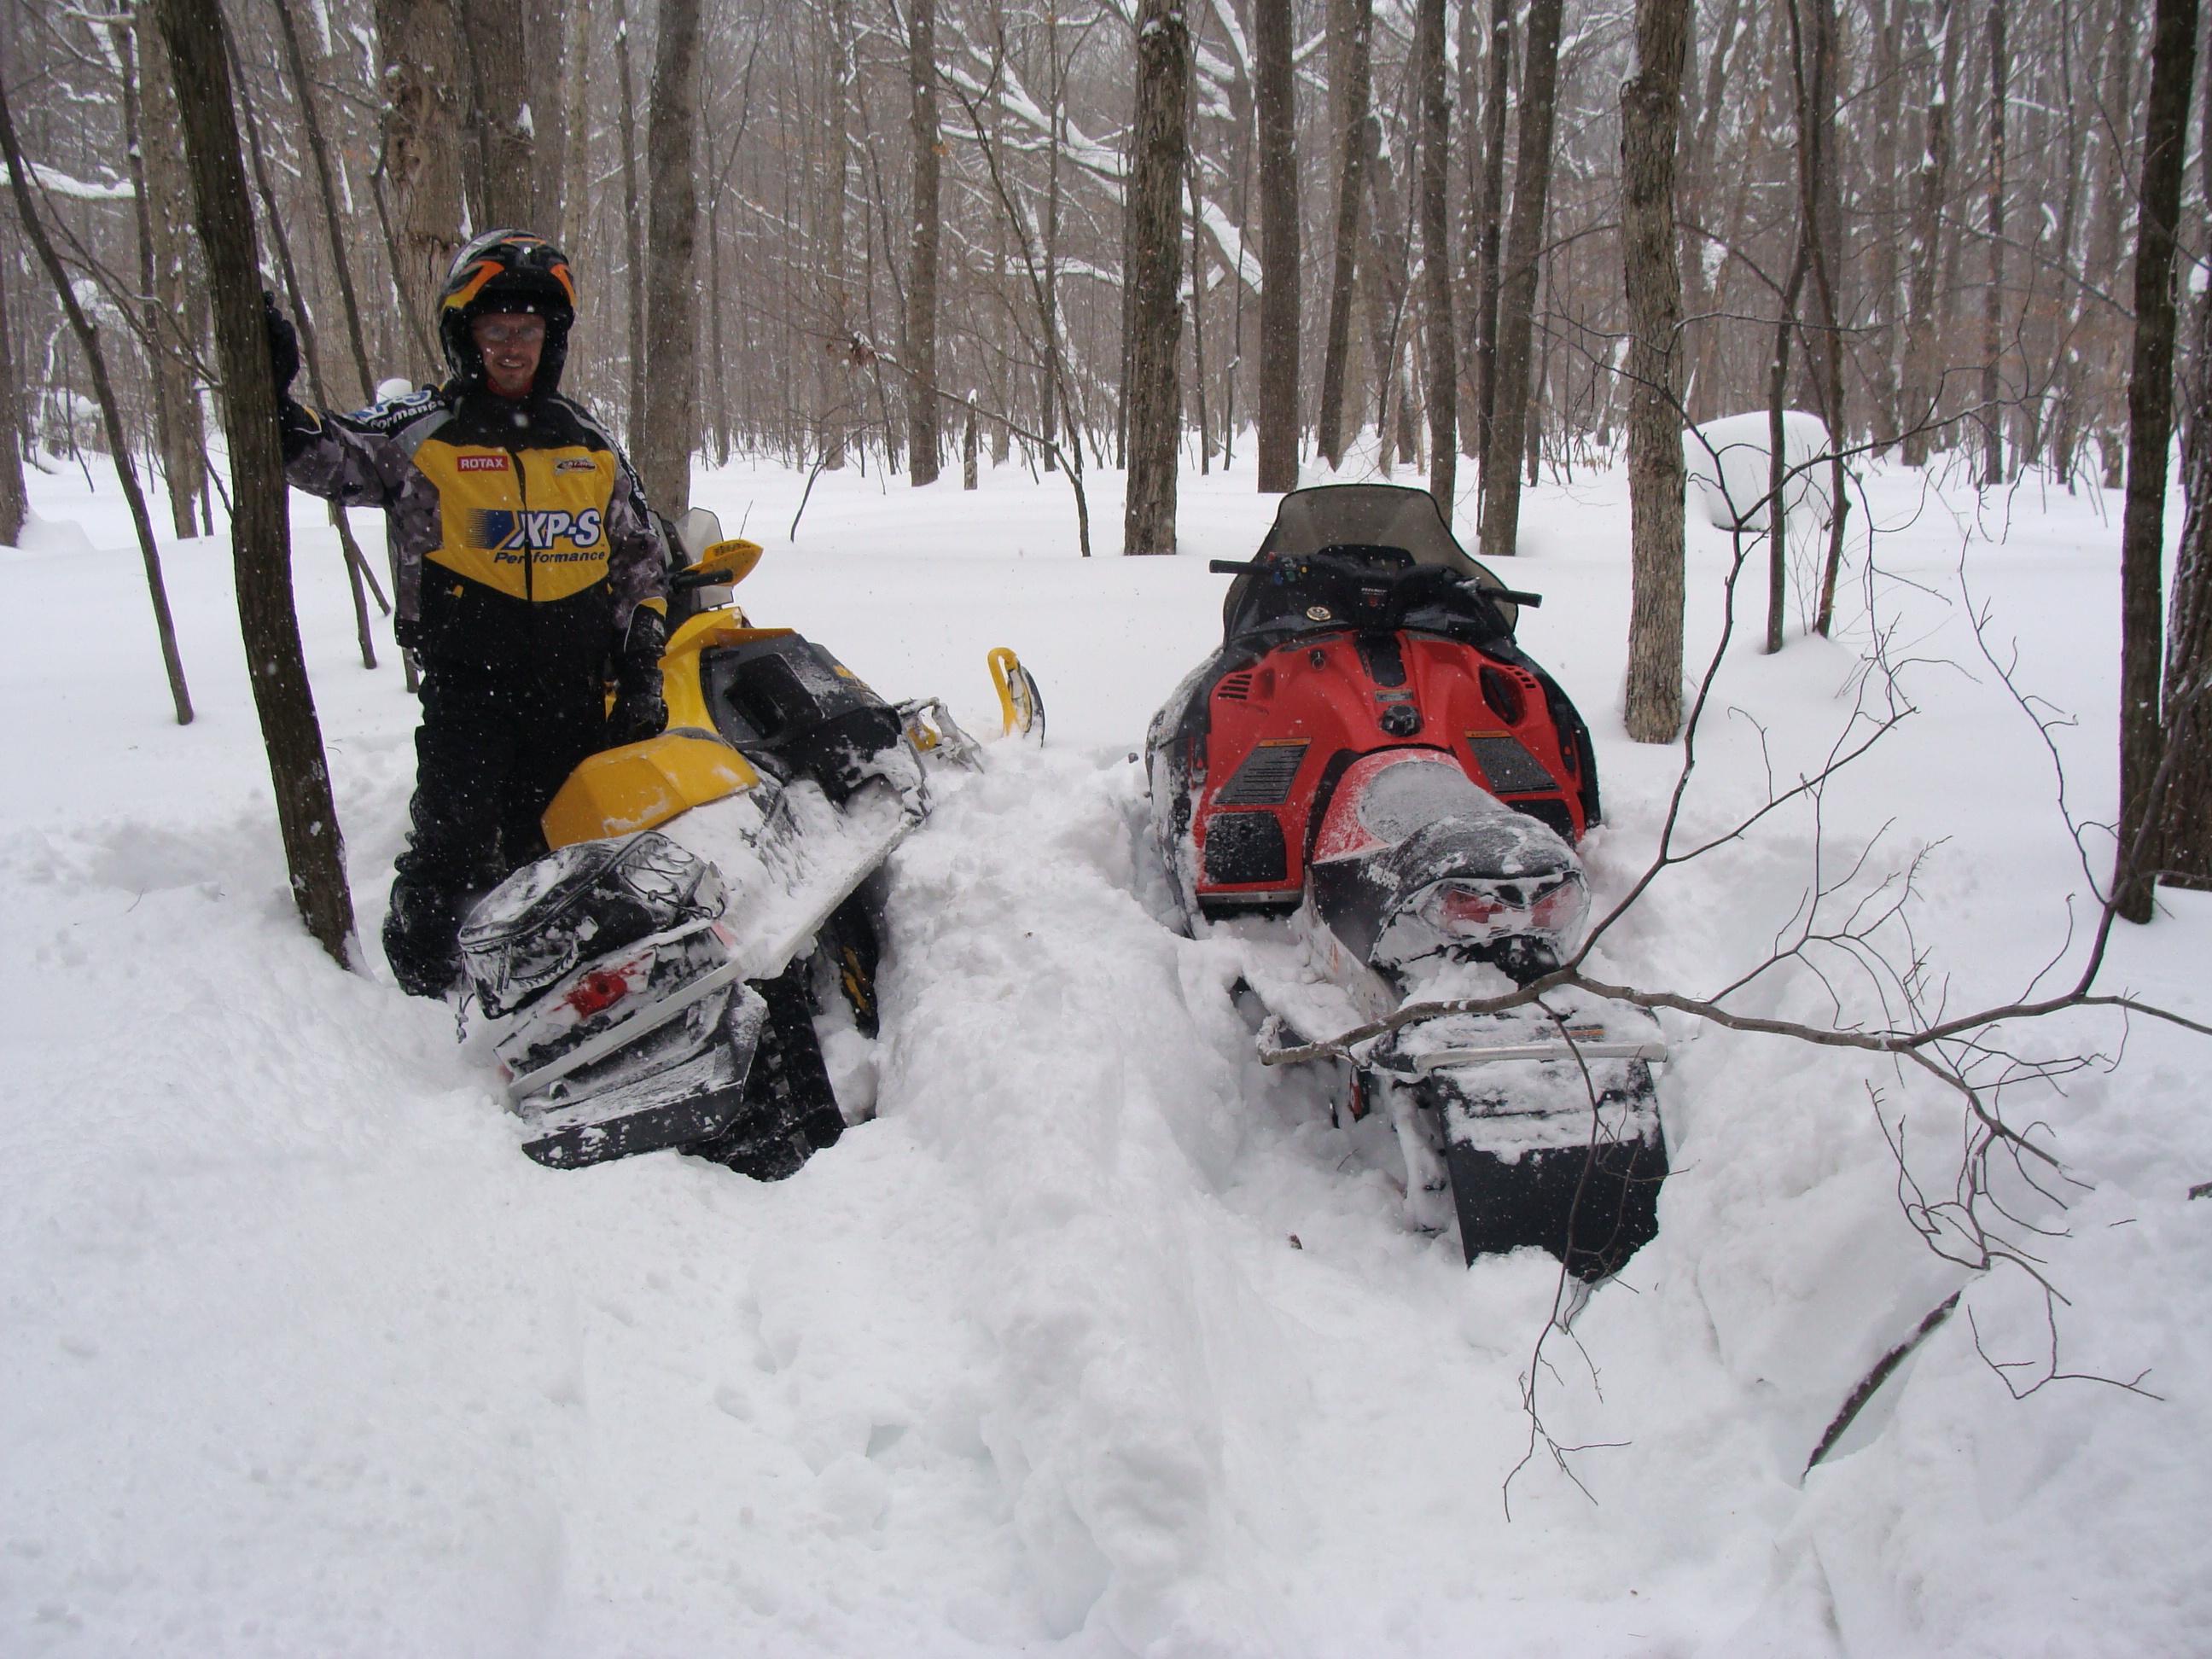 snow-028-cffb25f445049f851cabf436c8989db9e5468070